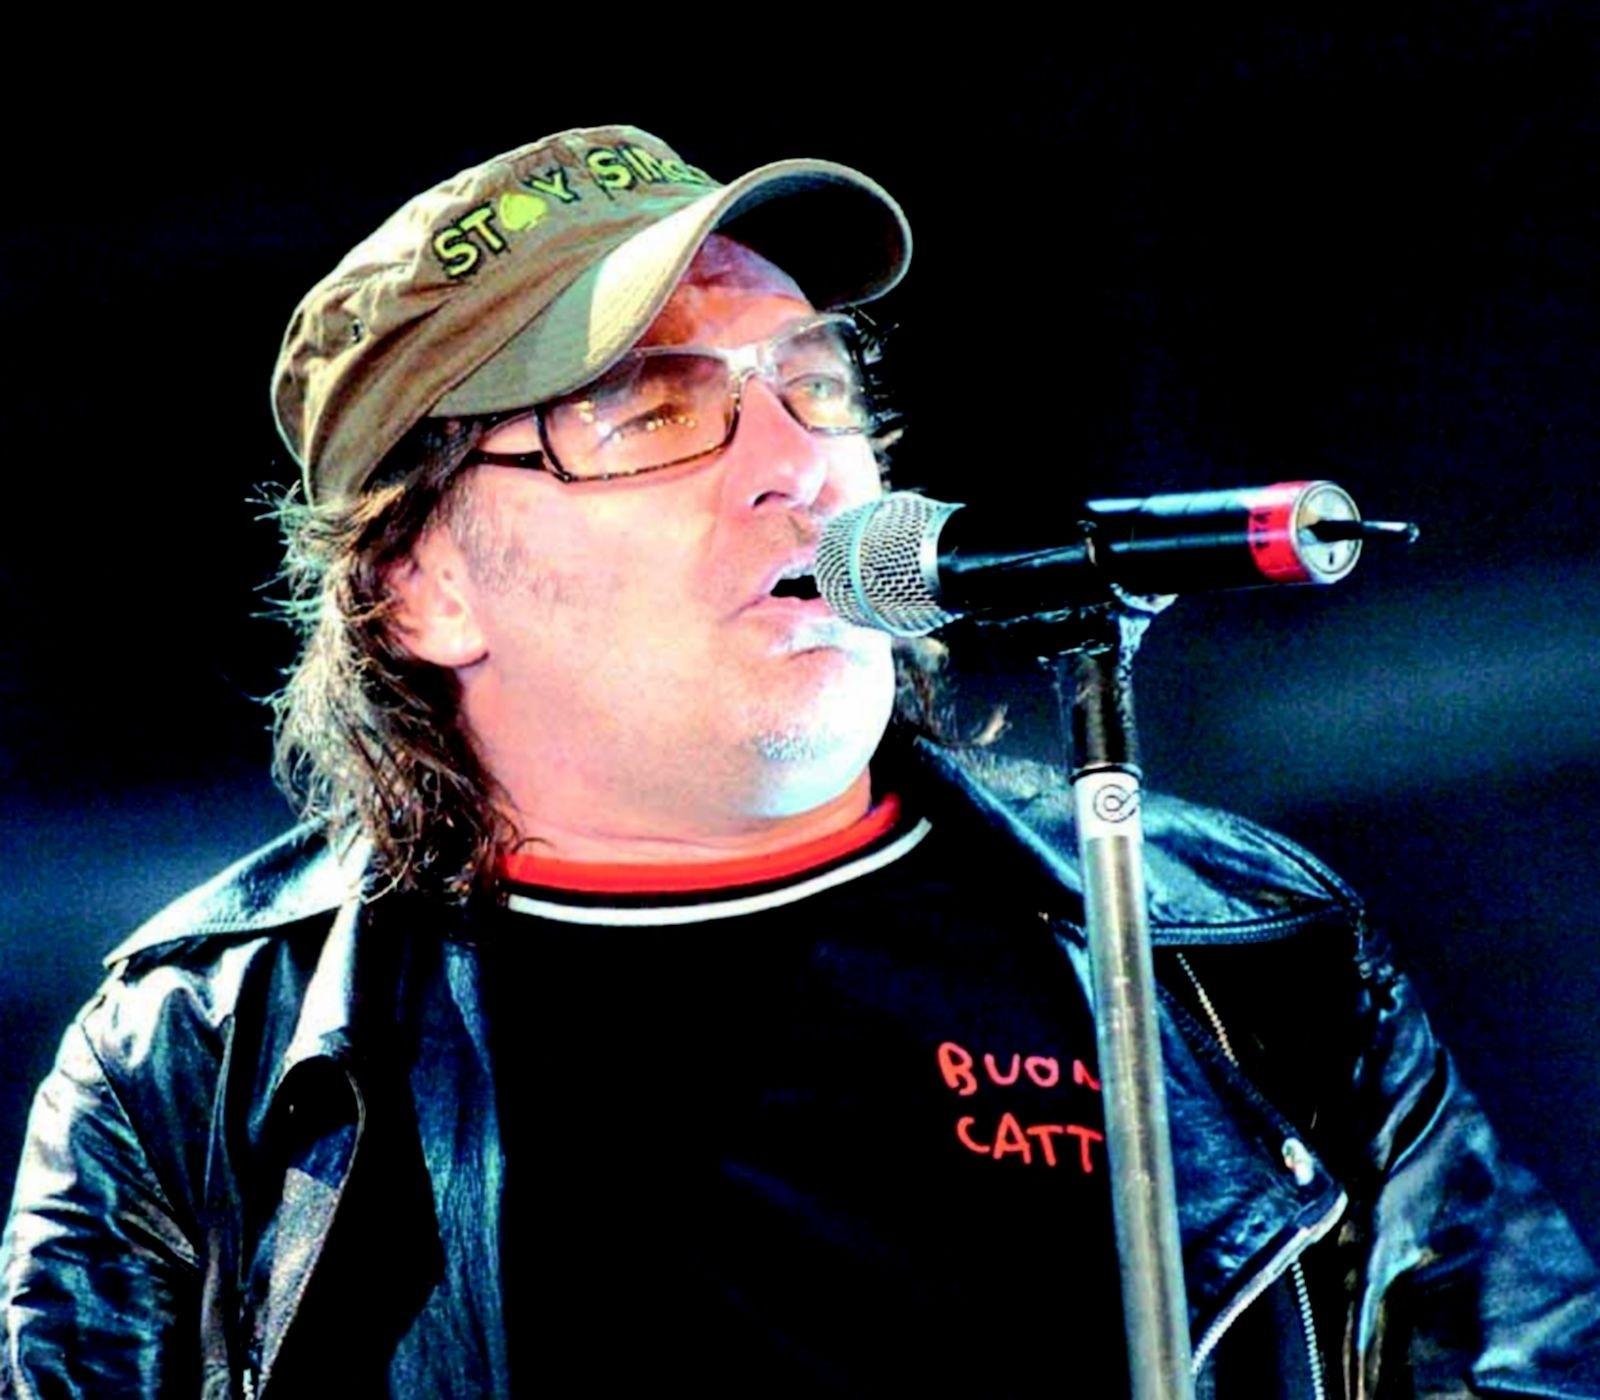 Vasco Rossi vuole organizzare un festival rock a Imola